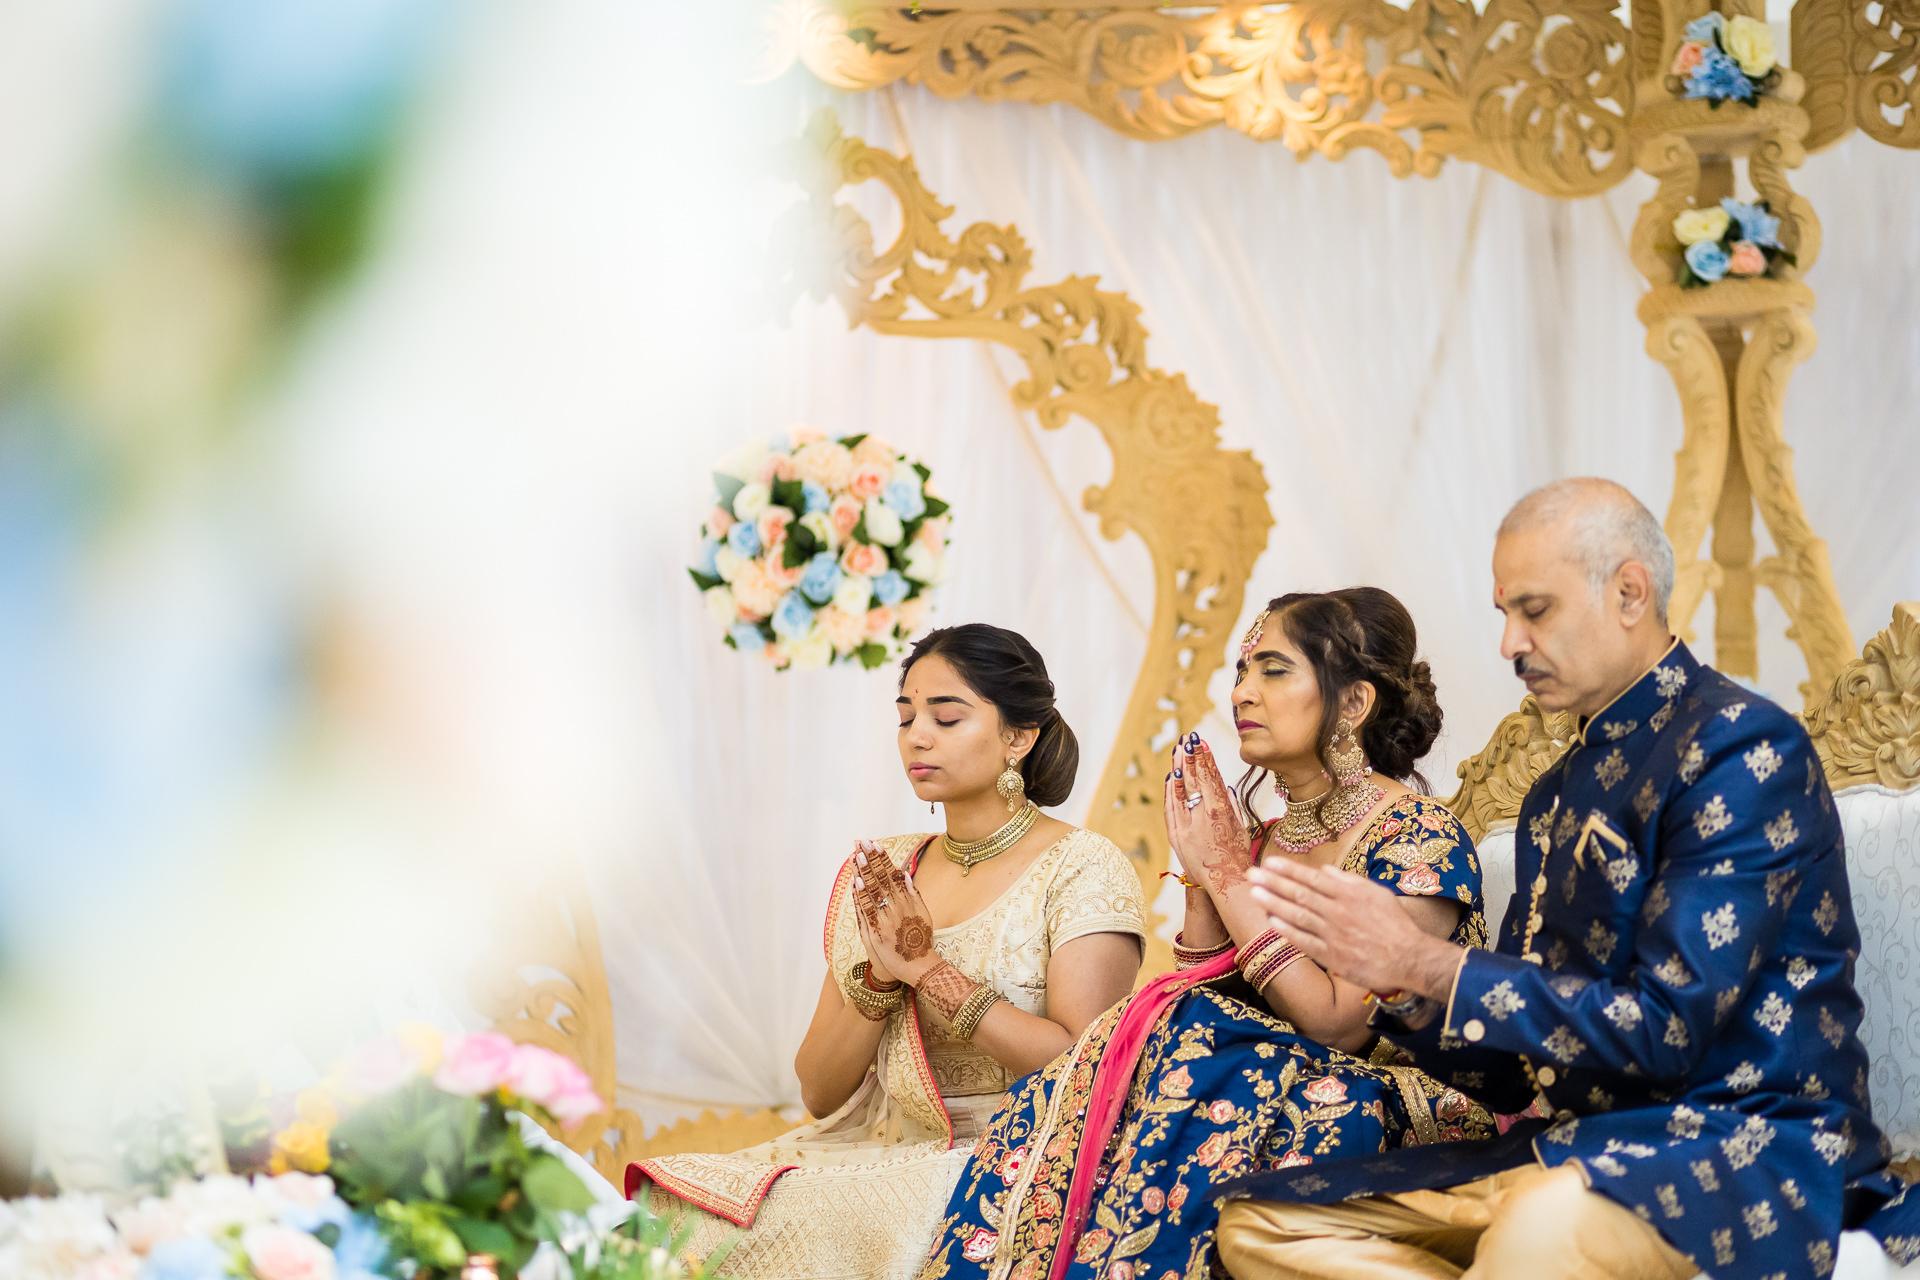 Mandvho ceremony